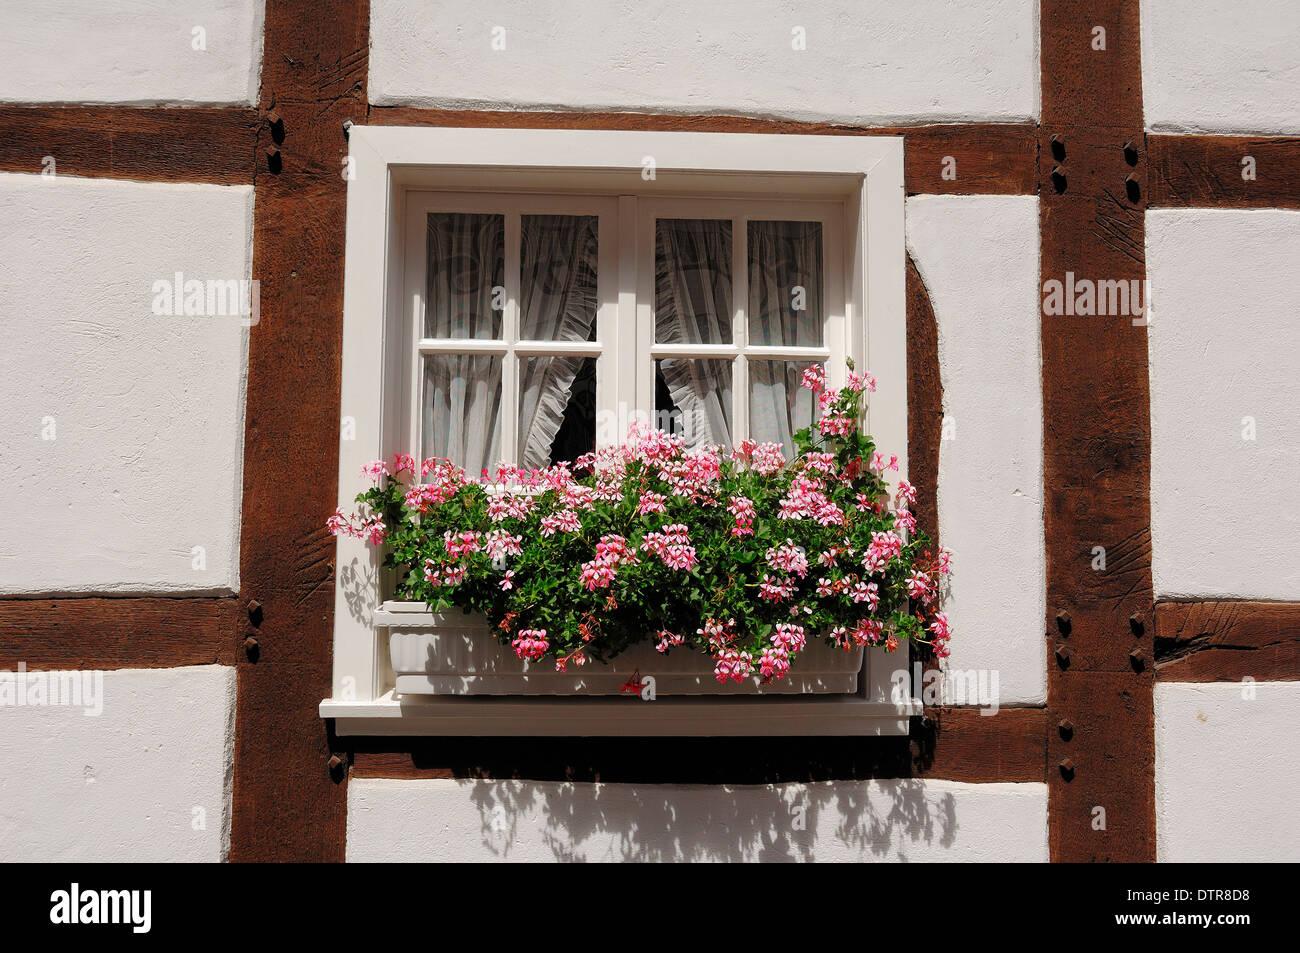 Blühende Geranien in Blumenkasten am Fenster, Drubbel ...